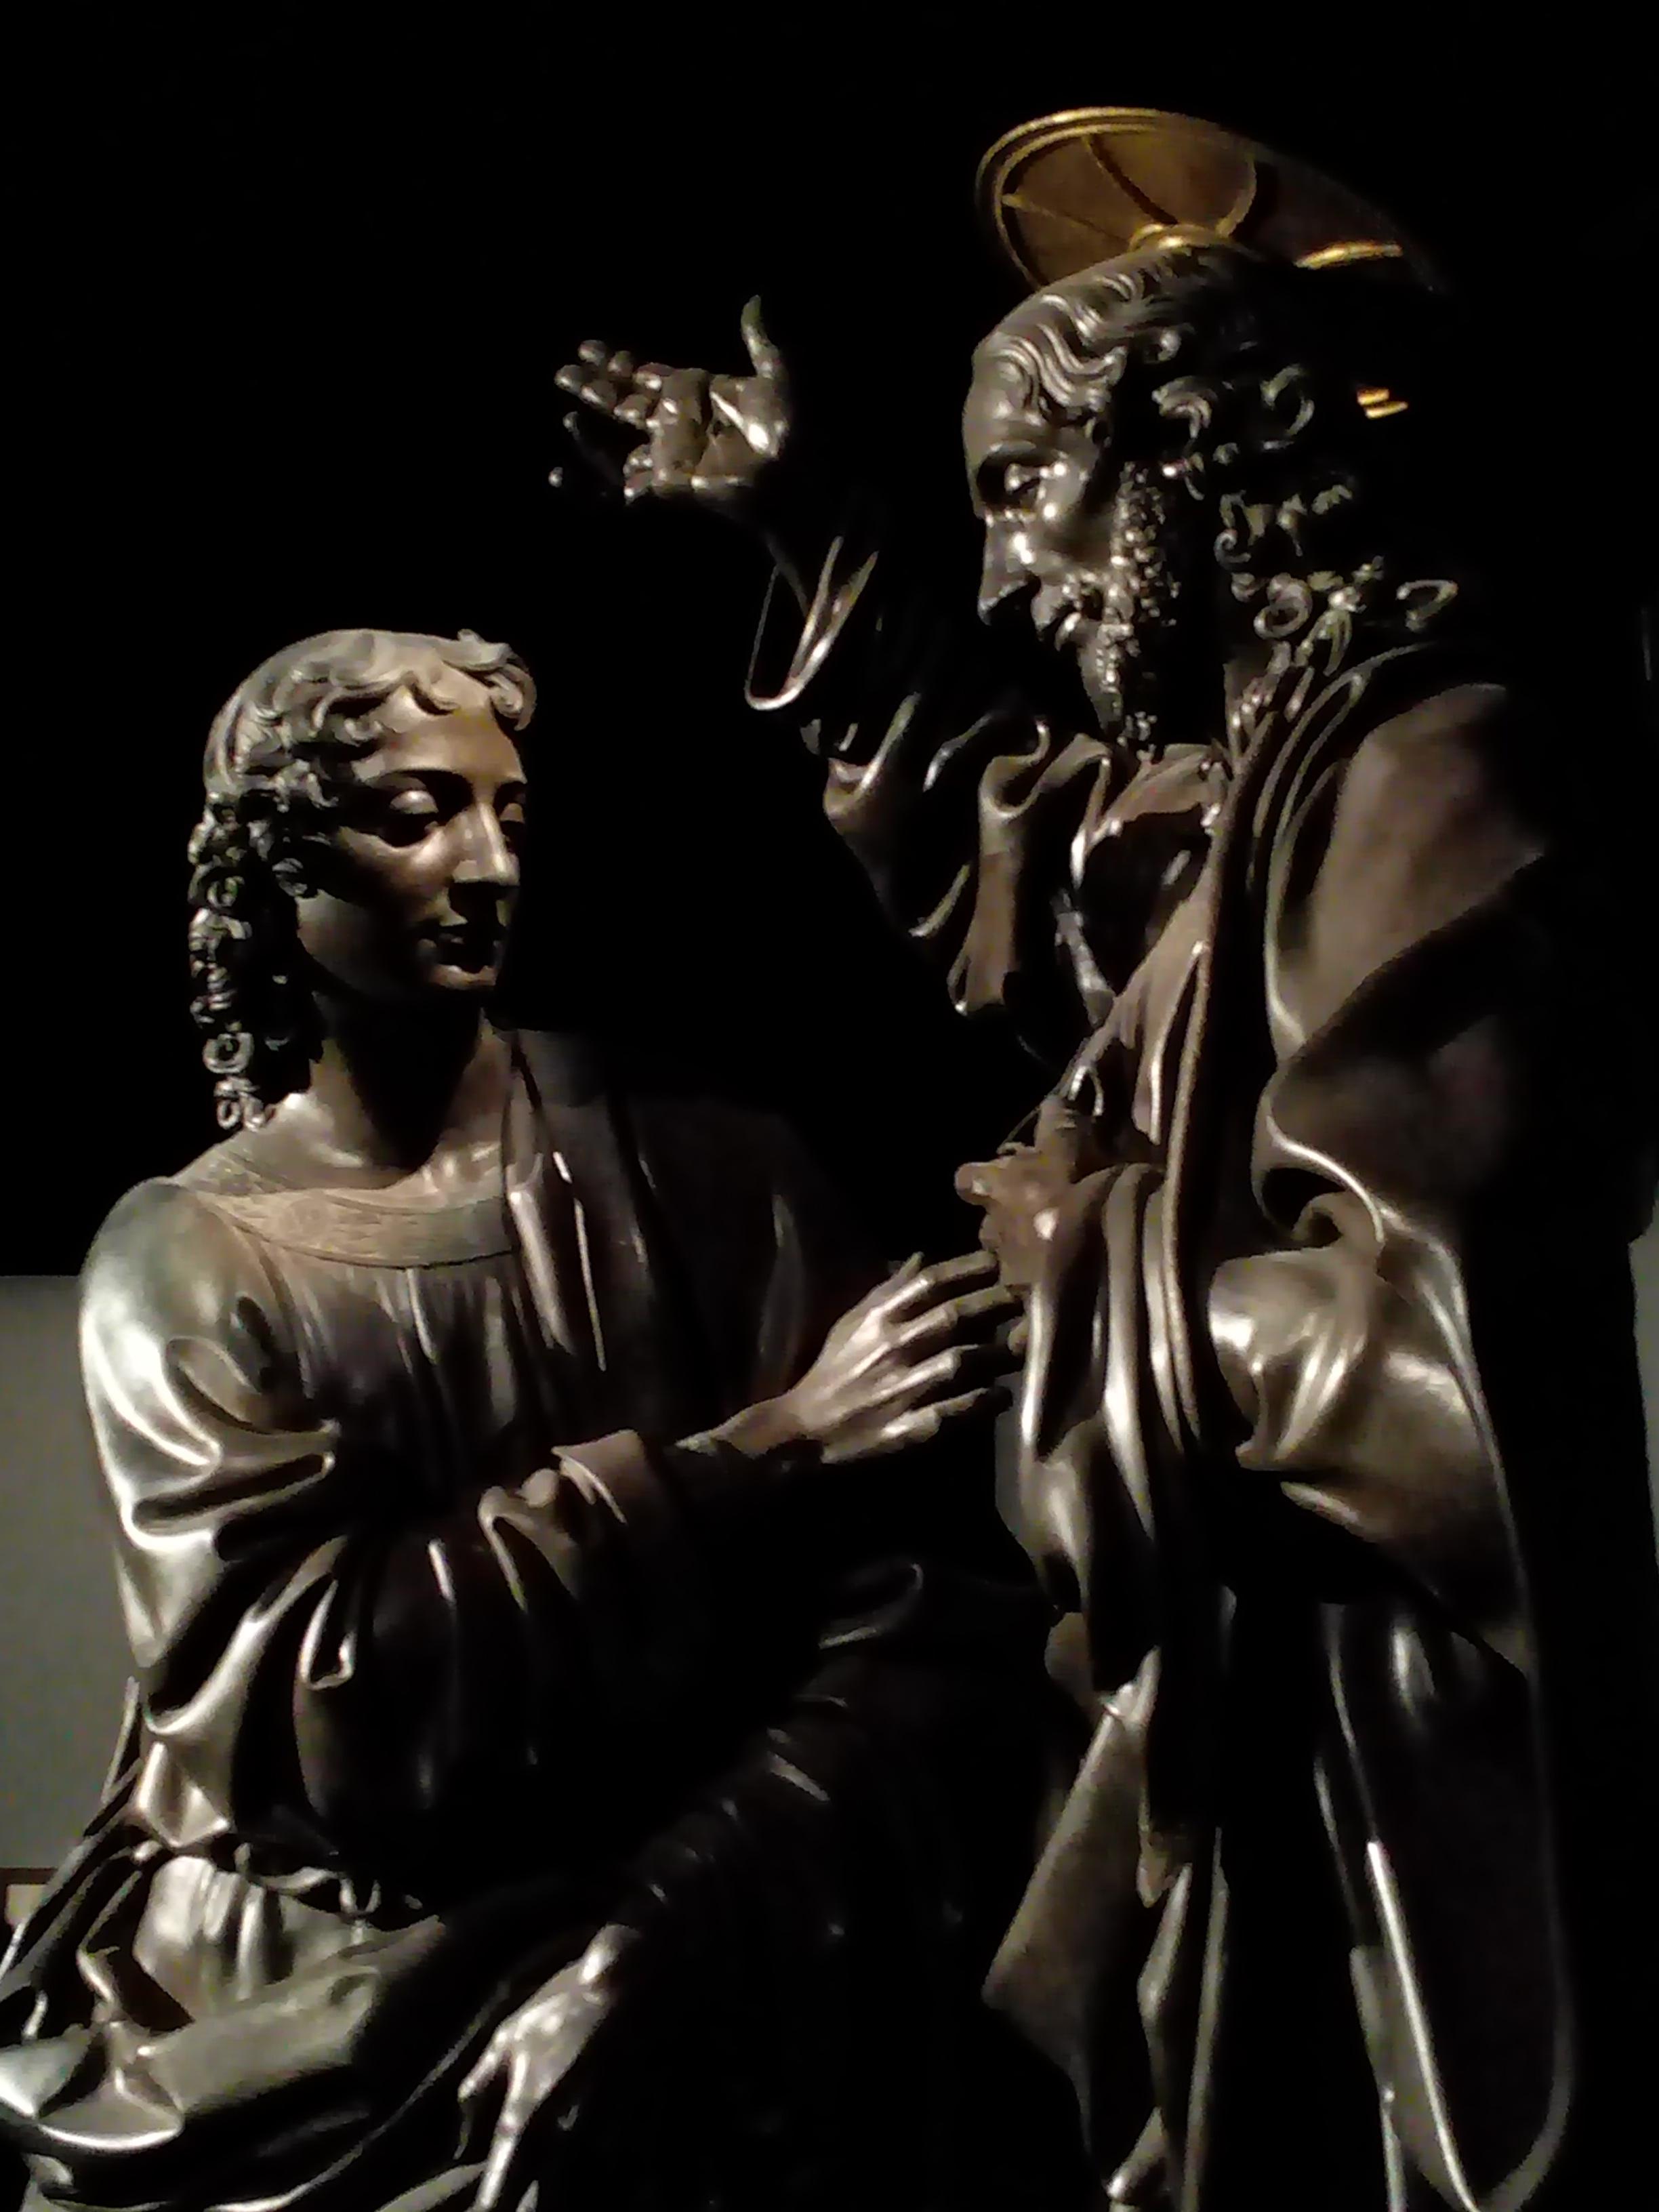 Léonard de Vinci 1452 1519 Le Louvre Le Christ et Saint-Thomas de Verrocchio 1467-1483